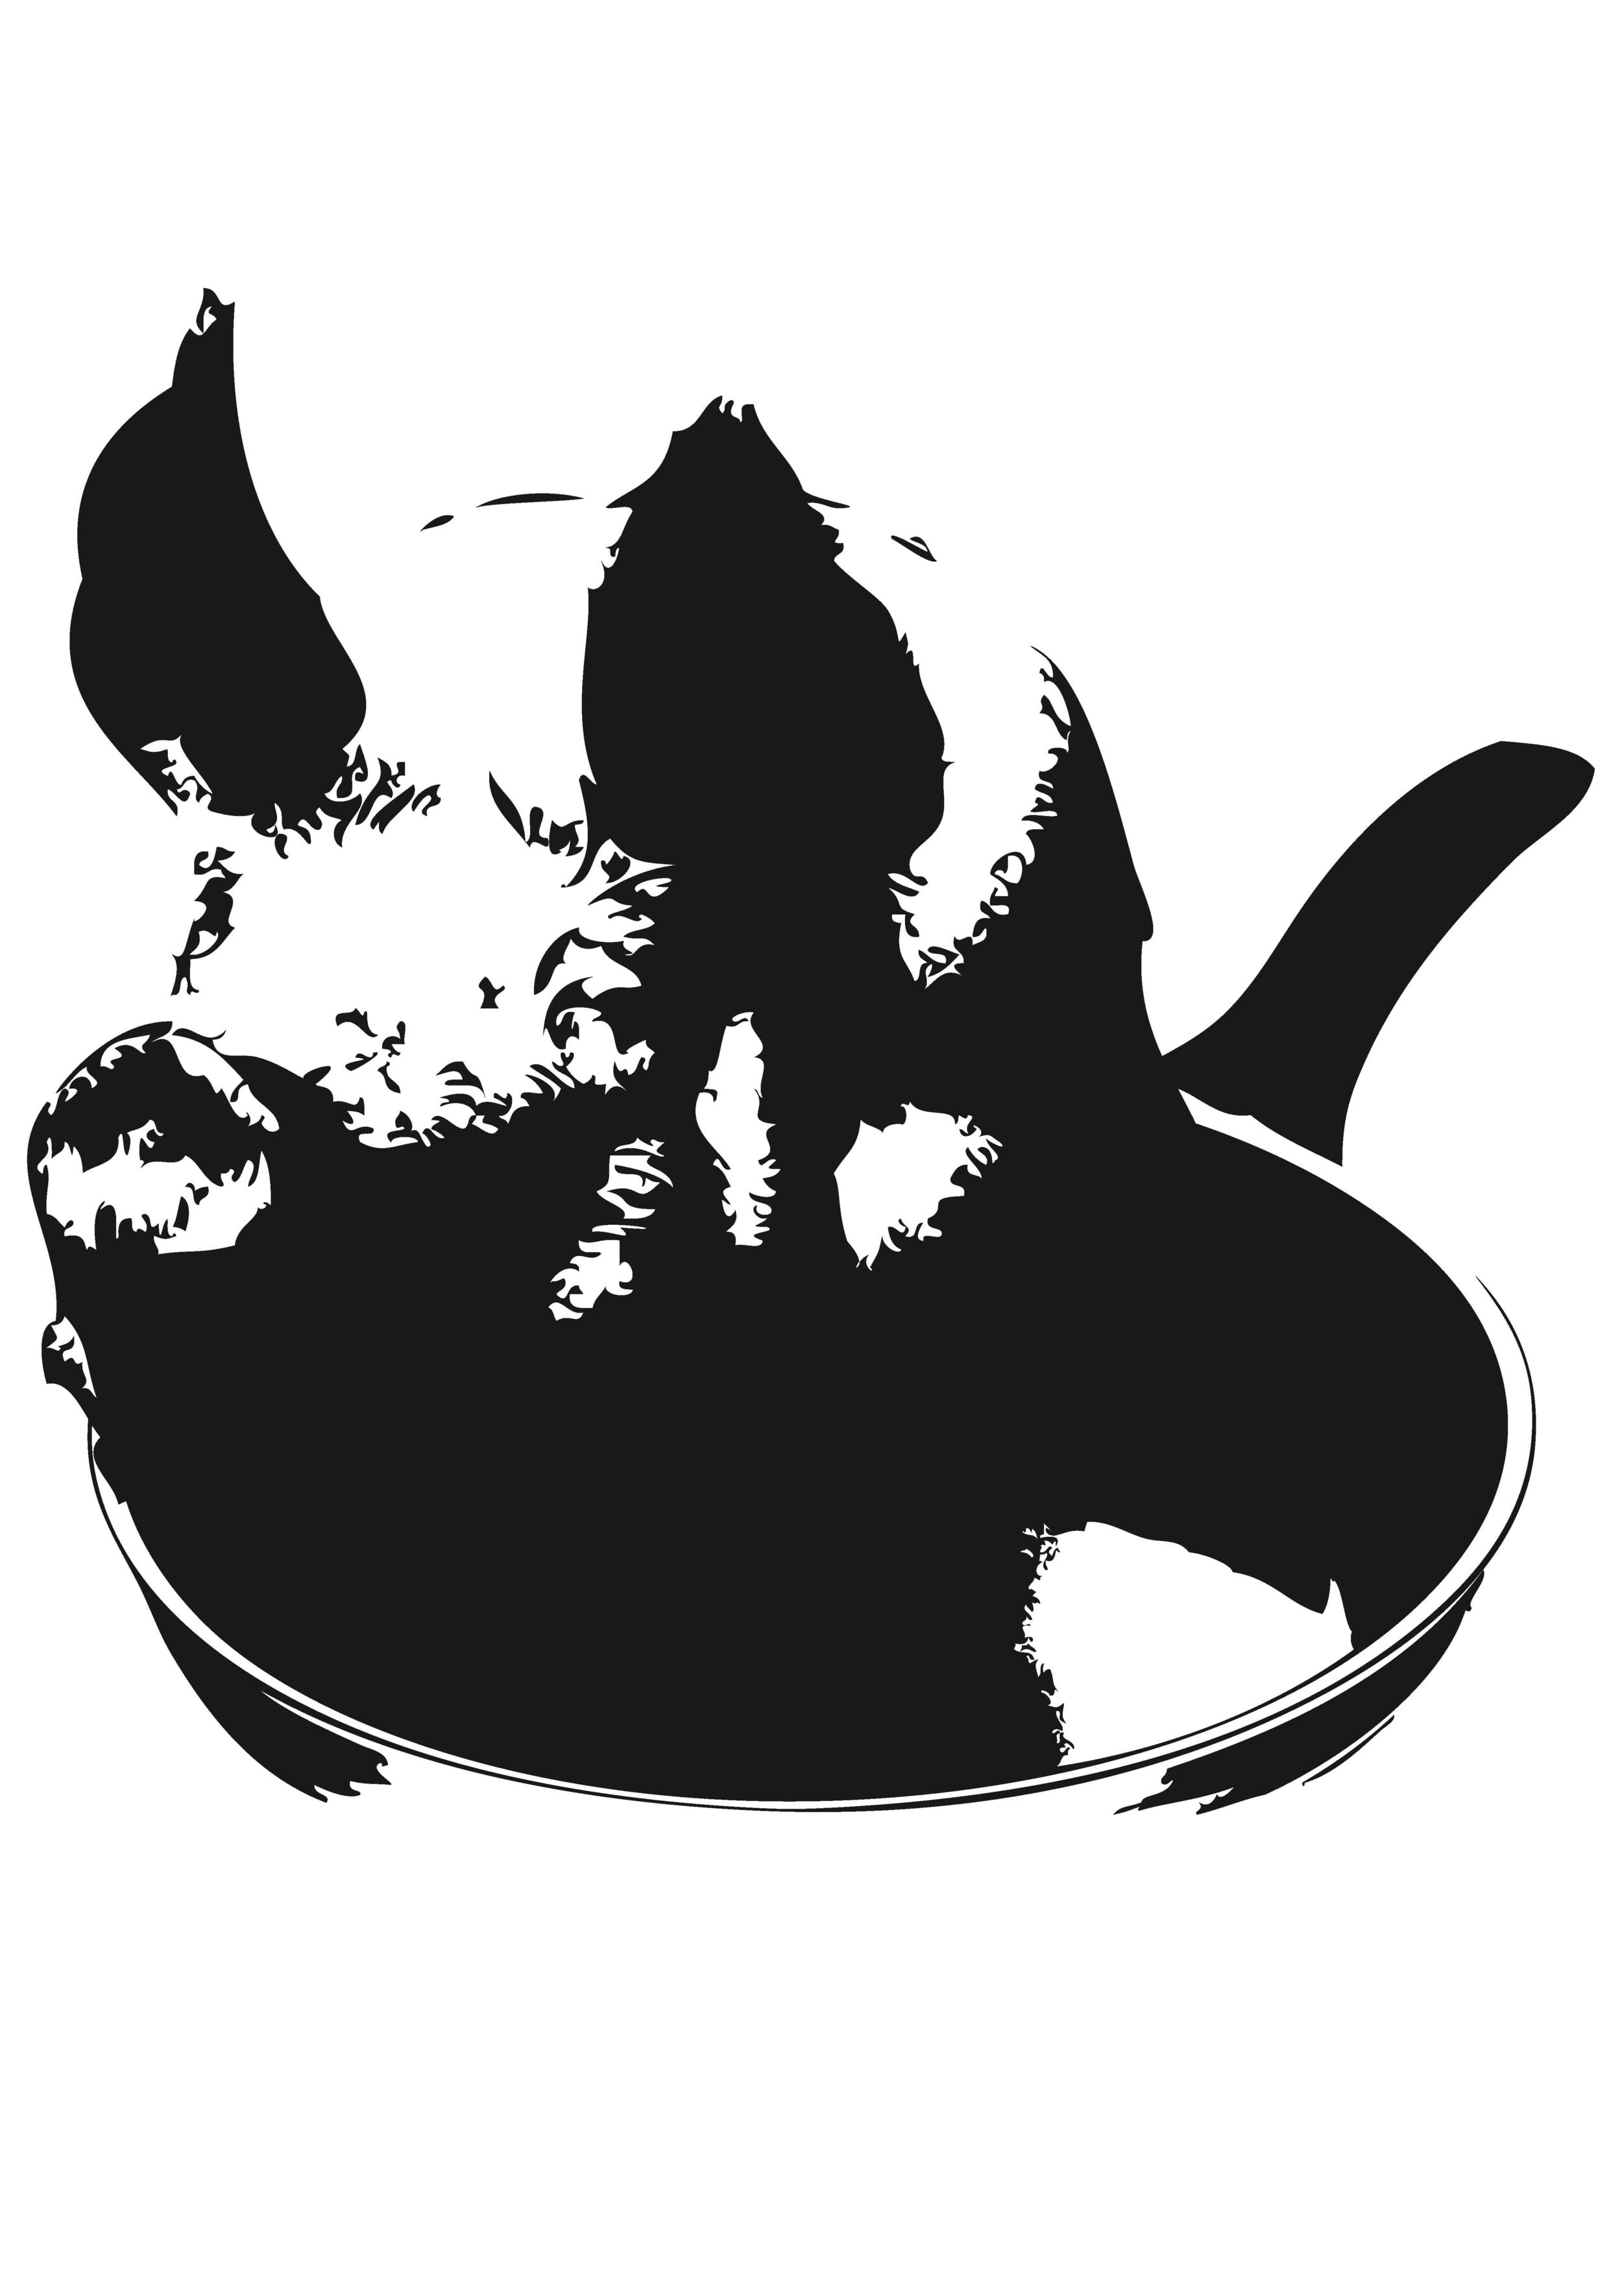 Poulet, Rind und Sau, me frogt sich, was me hüt no ässe kaa,   Und wäg däm EHEC Wurm sin ändlig d Vegetarier au draa.   In ganz Europa waggst kei Gurke me und kei Tomate-Saat,   Nur in Griecheland, dört hän si jetze dr Salat.